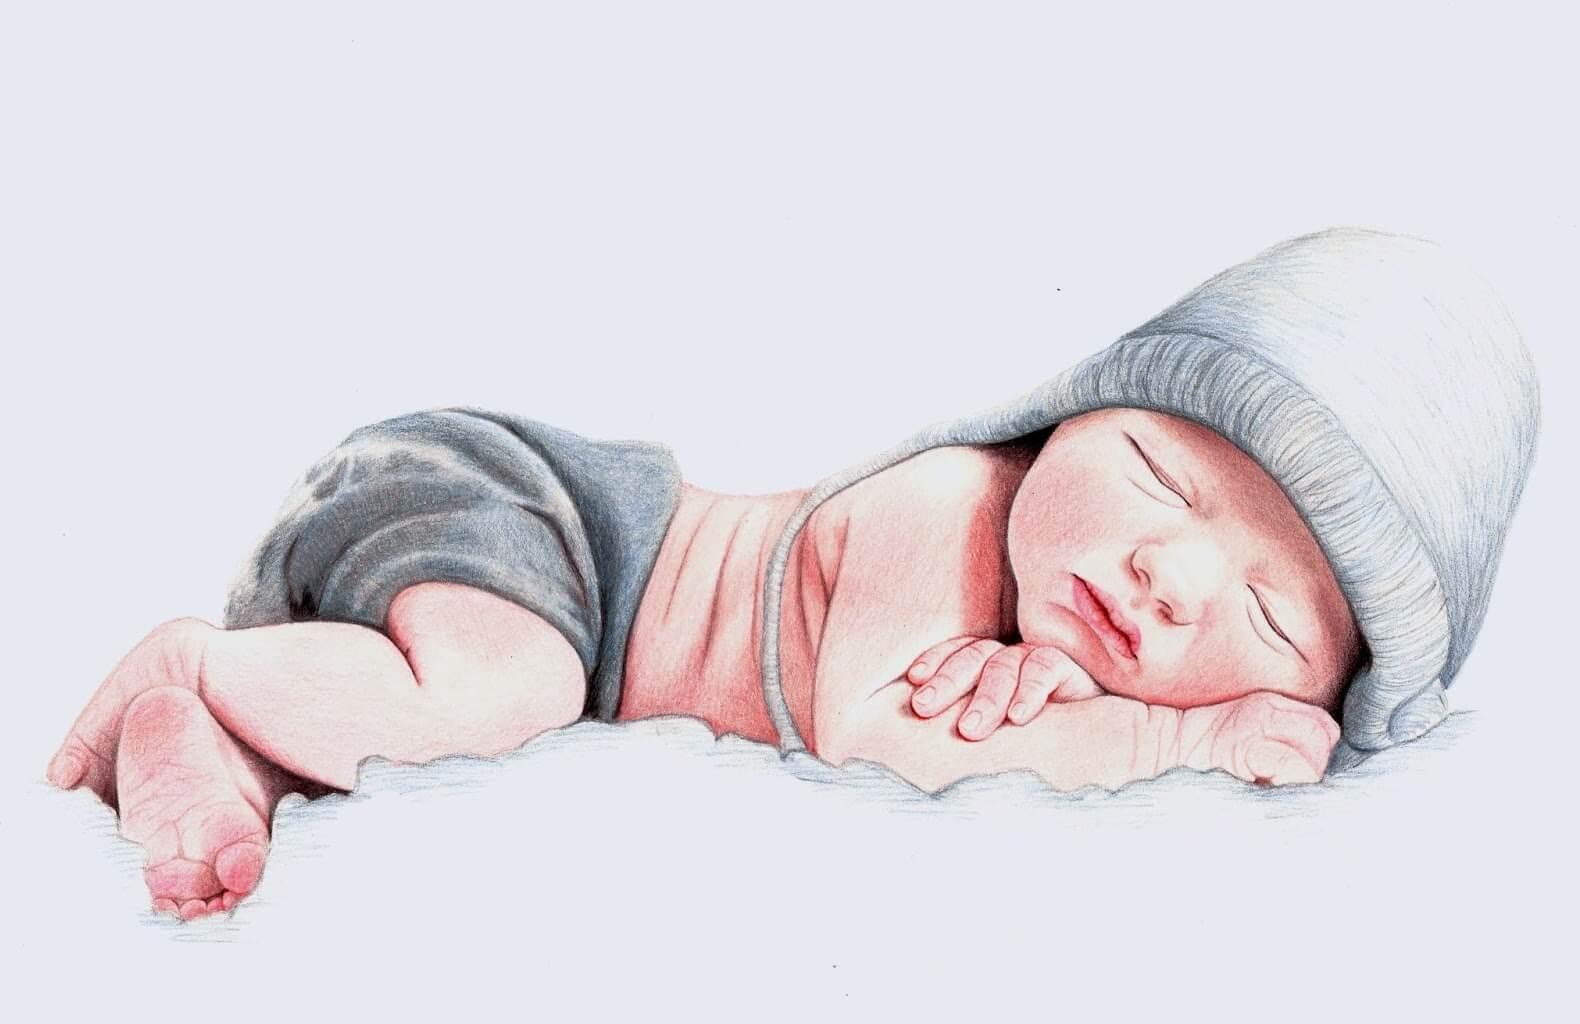 bebê dormindo sobre as nuvens